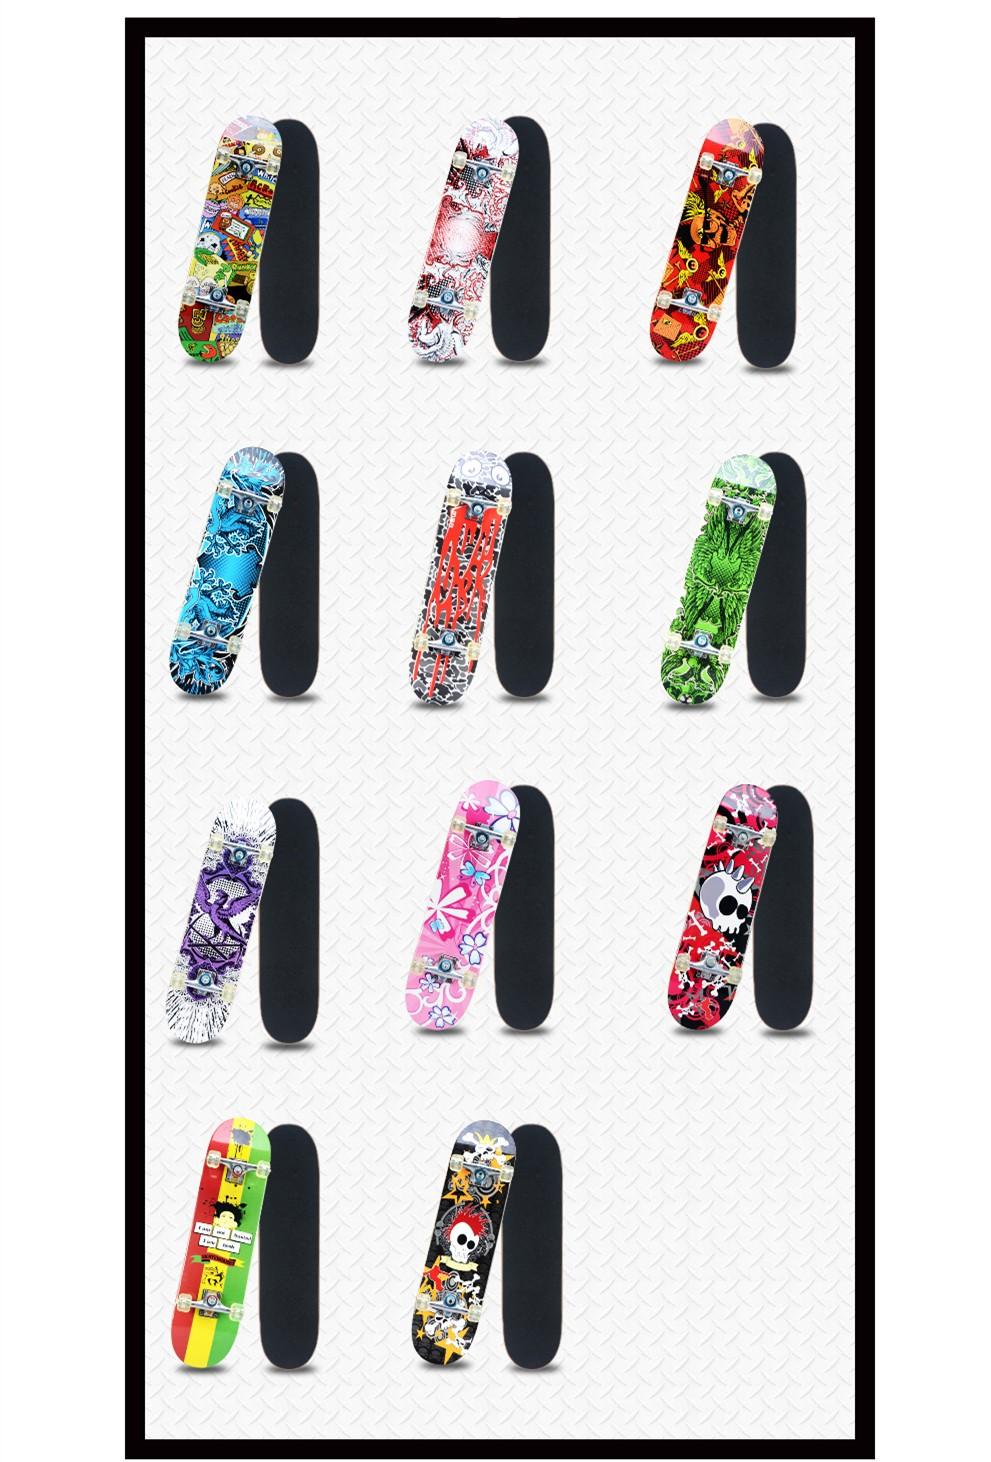 Skate shop online